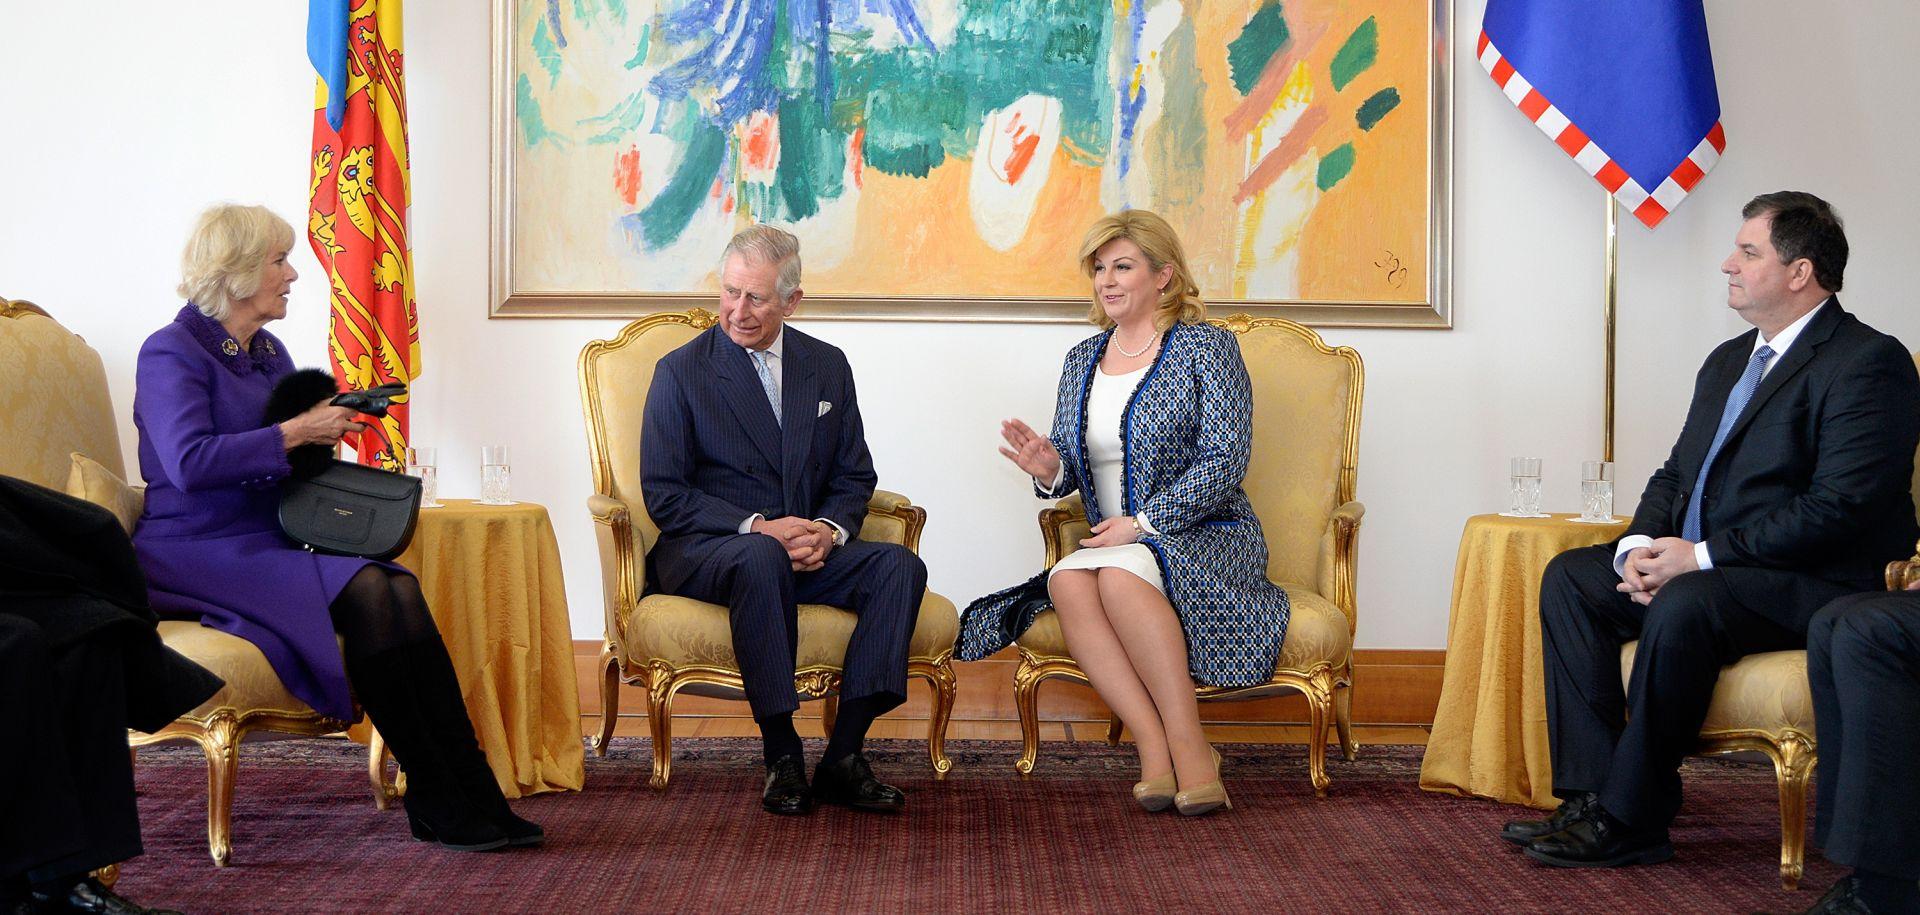 SUSRET S PREDSJEDNICOM Princ Charles pokazao interes za stanje hrvatskog gospodarstva